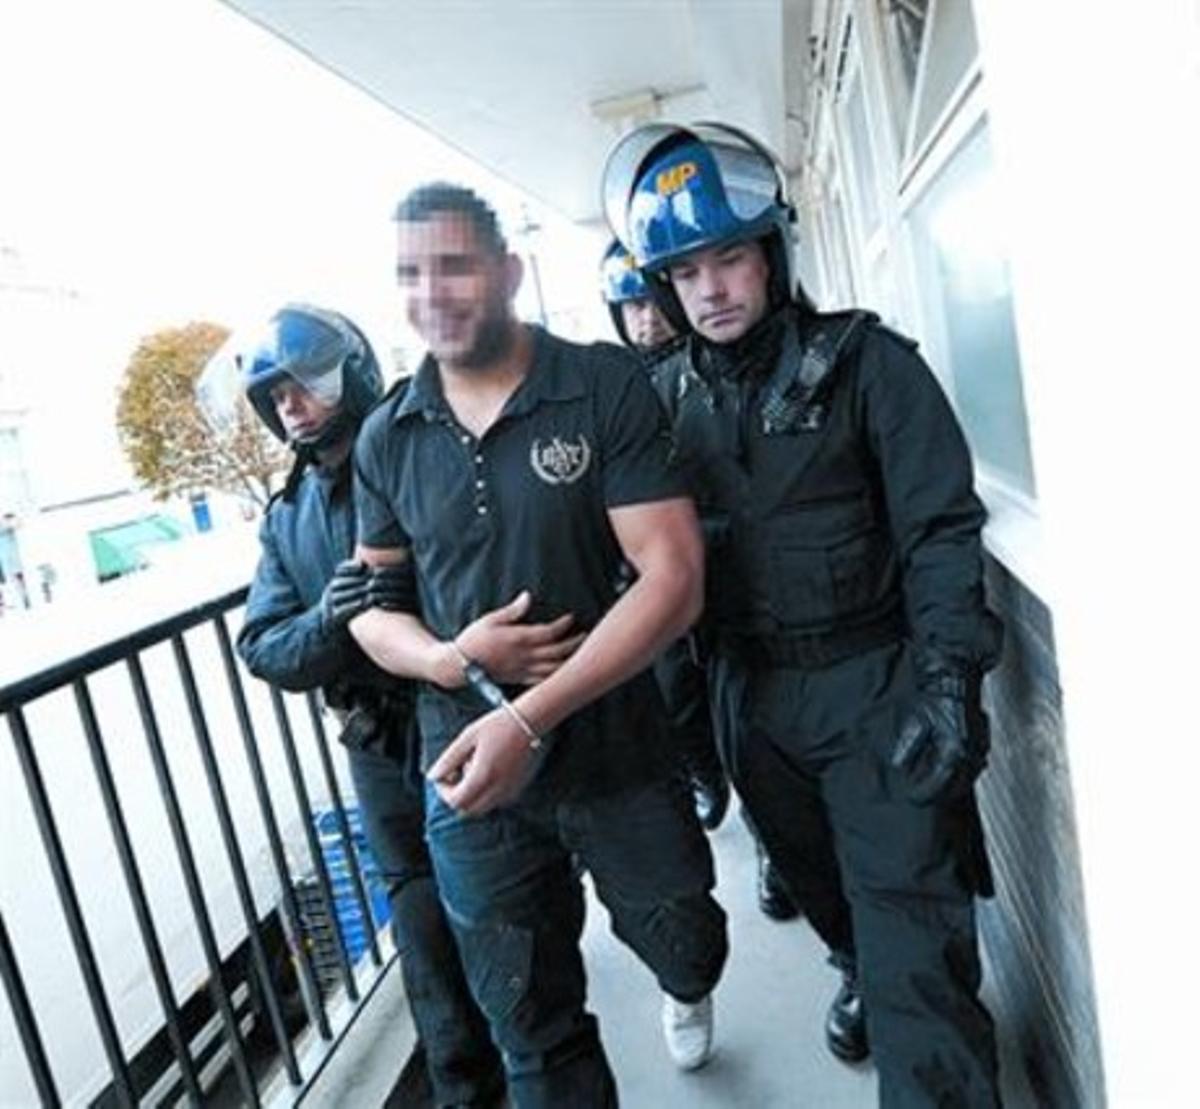 La policía se lleva a un hombre de su domicilio en Londres.